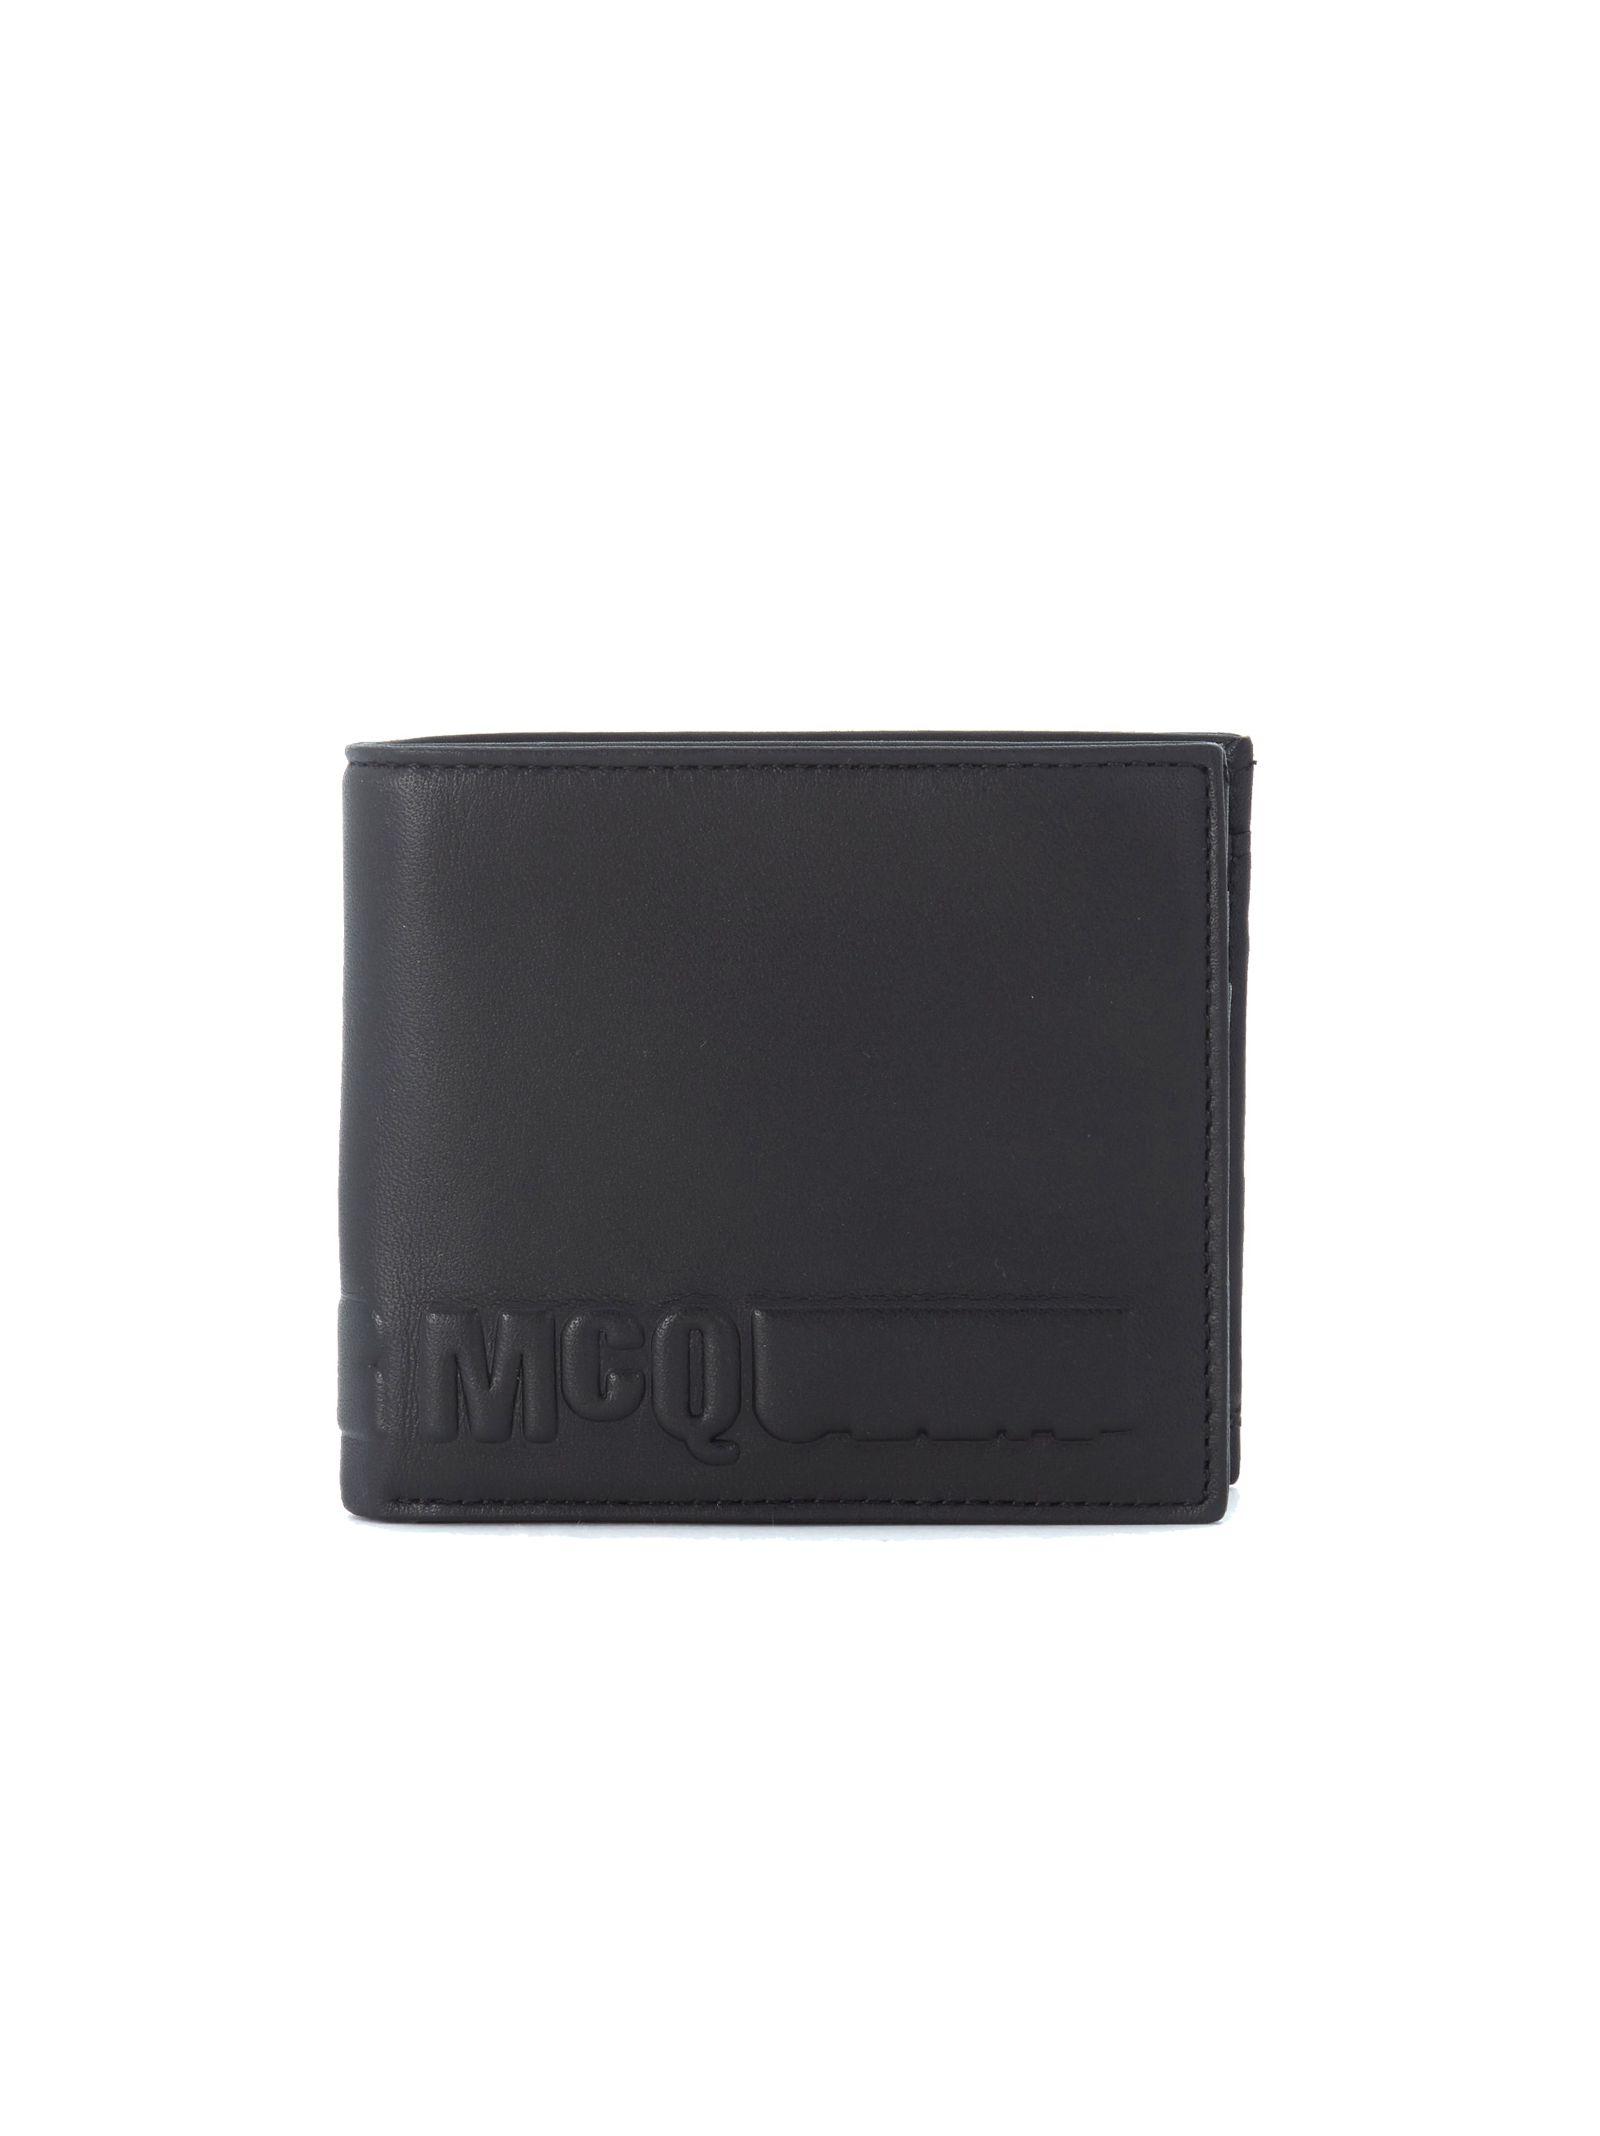 Portafoglio Mcq In Pelle Nera Con Logo Stampato In Rilievo